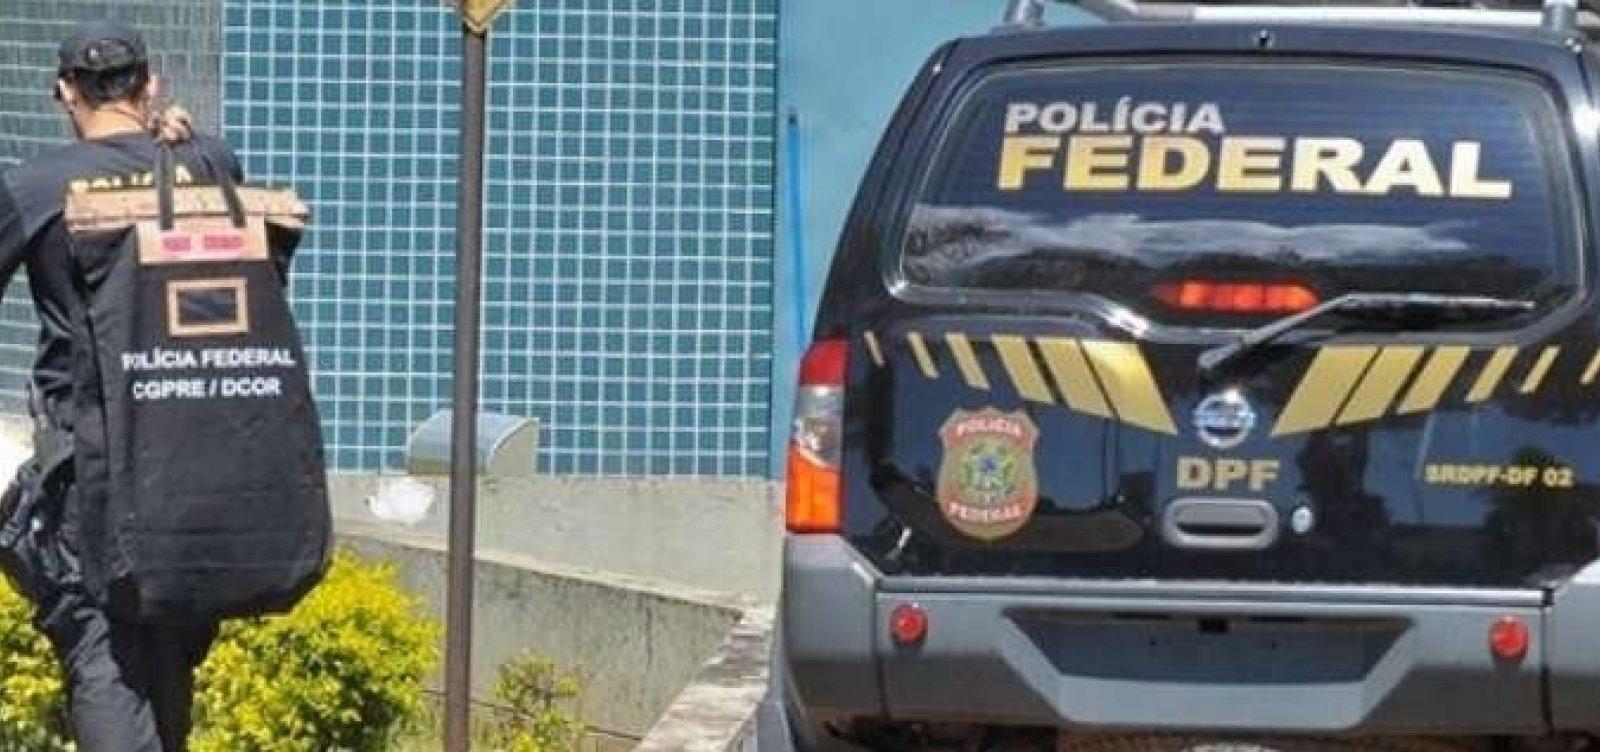 [Governador do RJ exonera gestores presos em operação da PF]